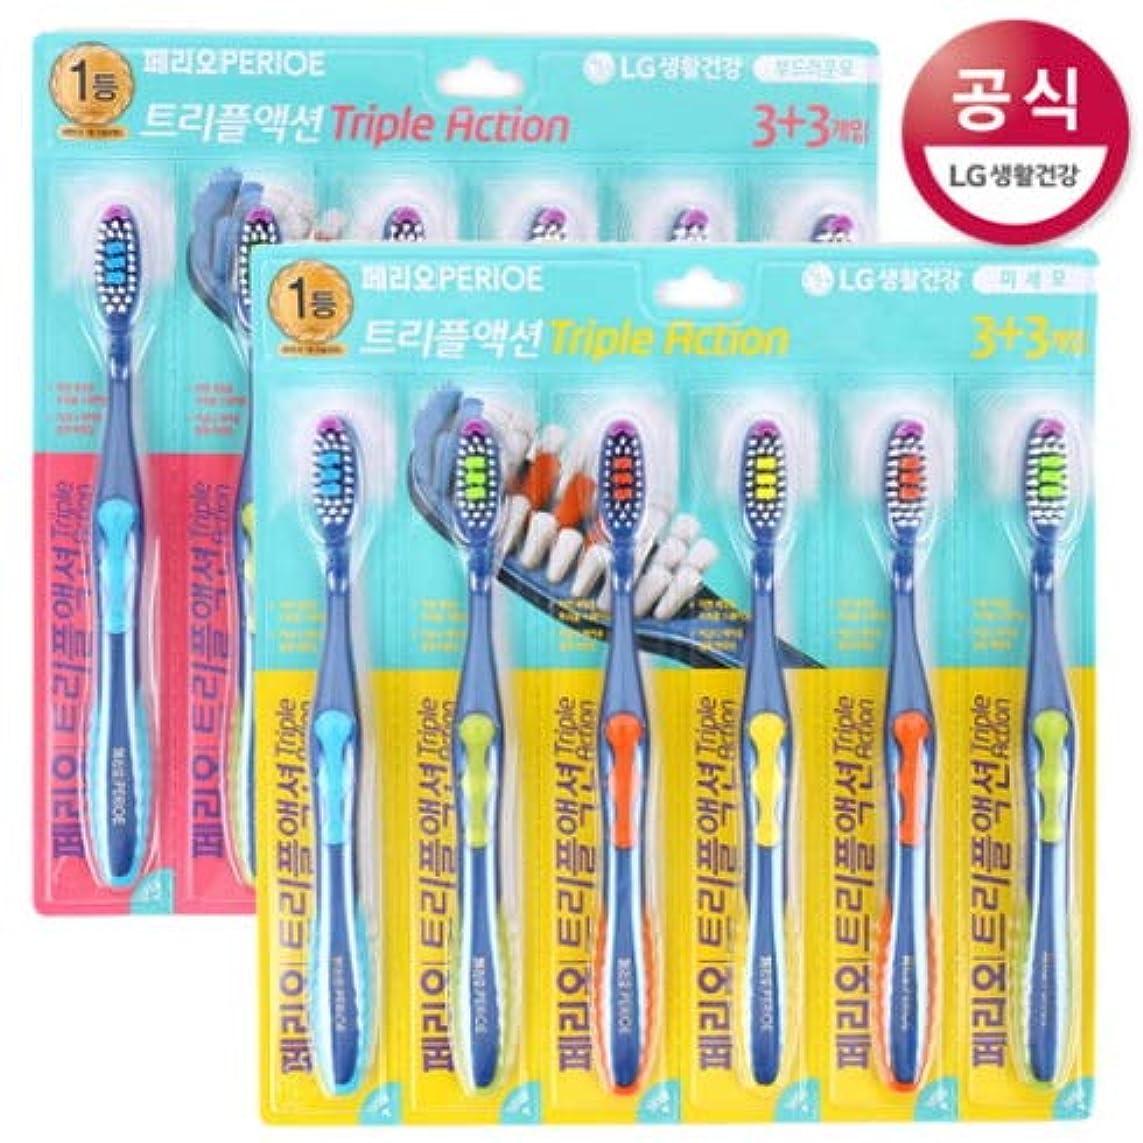 ぶら下がる簡略化する北米[LG HnB] Perio Triple Action Toothbrush/ペリオトリプルアクション歯ブラシ 6口x2個(海外直送品)